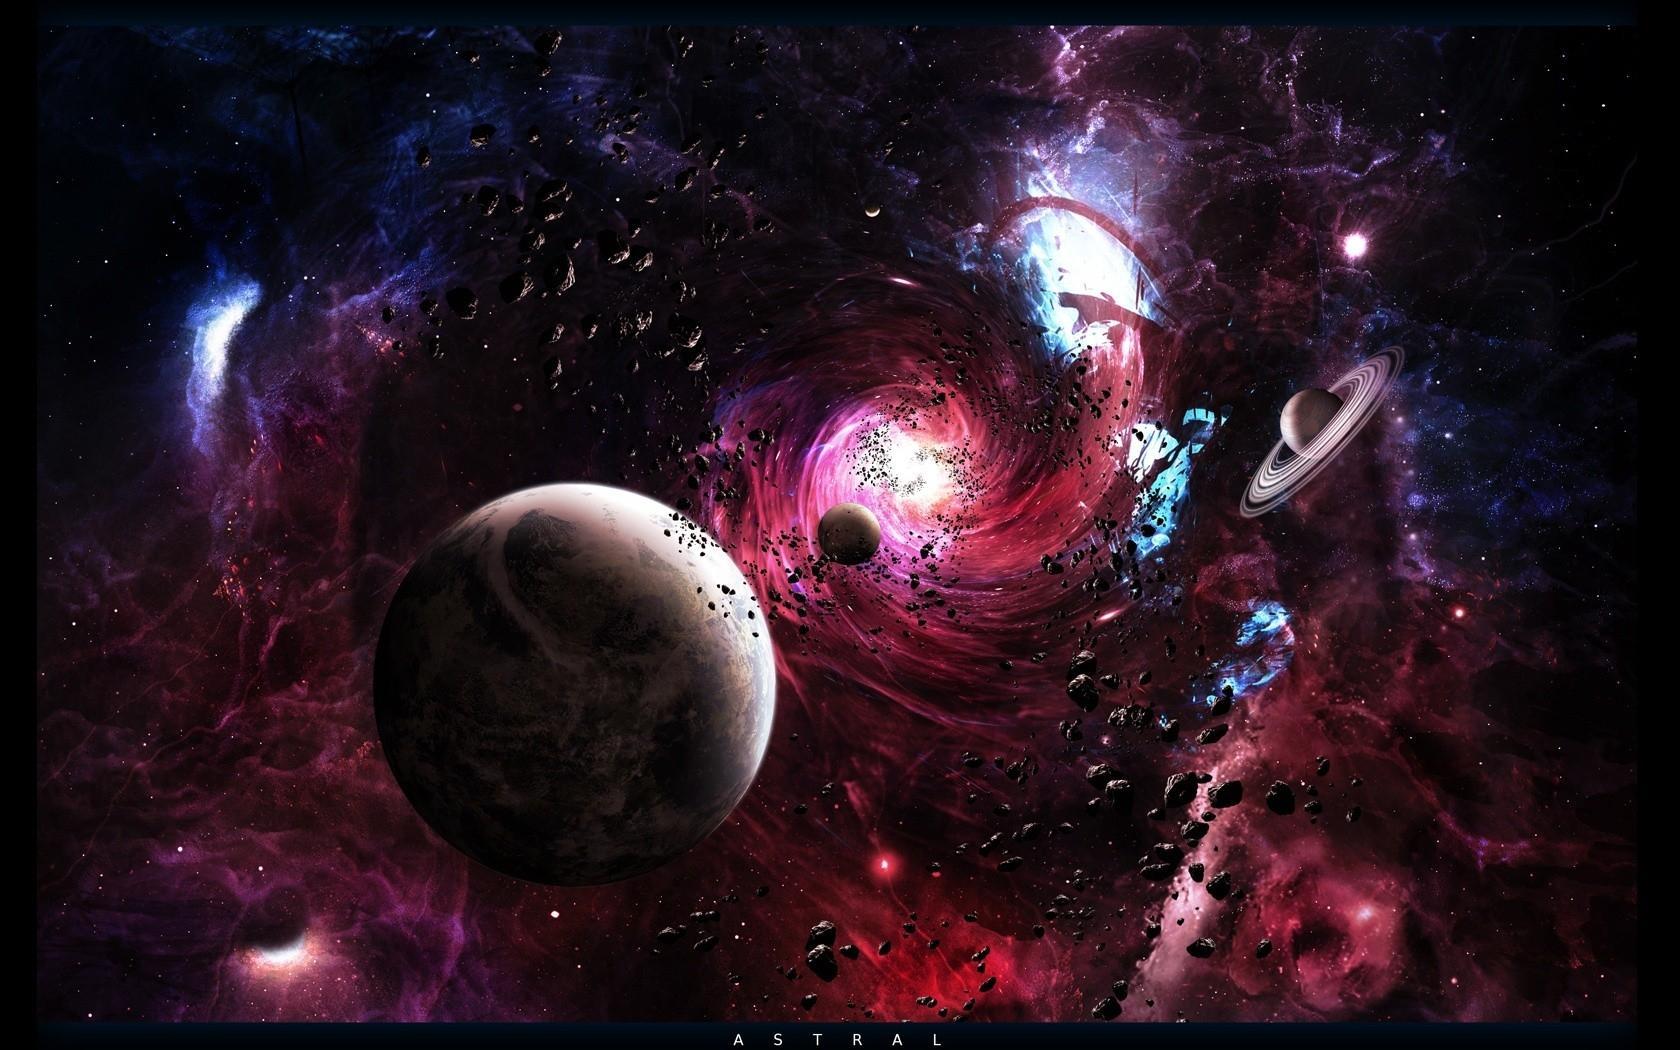 Обои Темная планета картинки на рабочий стол на тему Космос - скачать  № 1763115 бесплатно